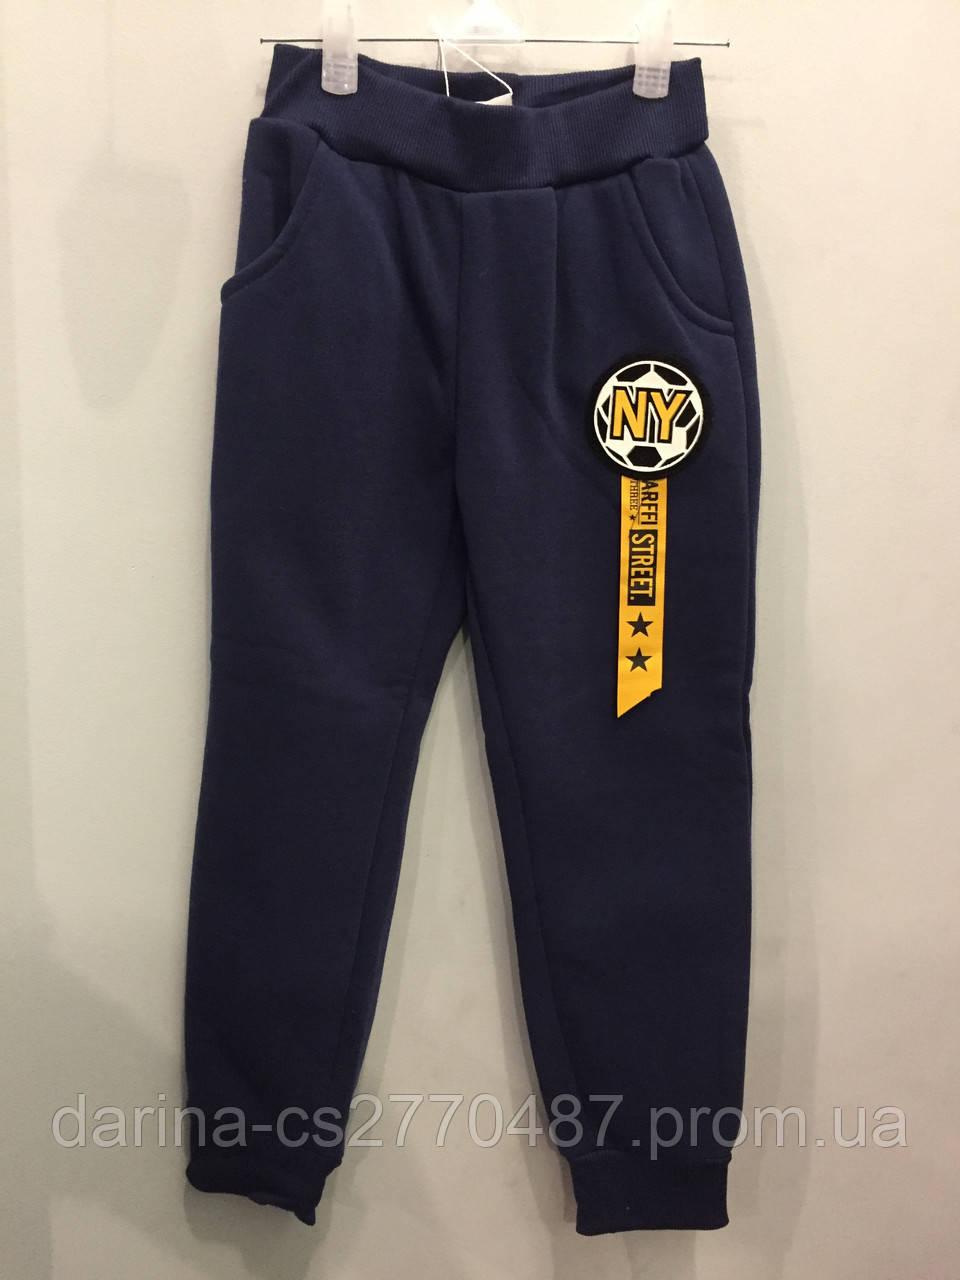 Спортивные штаны на флисе для мальчика 110 см